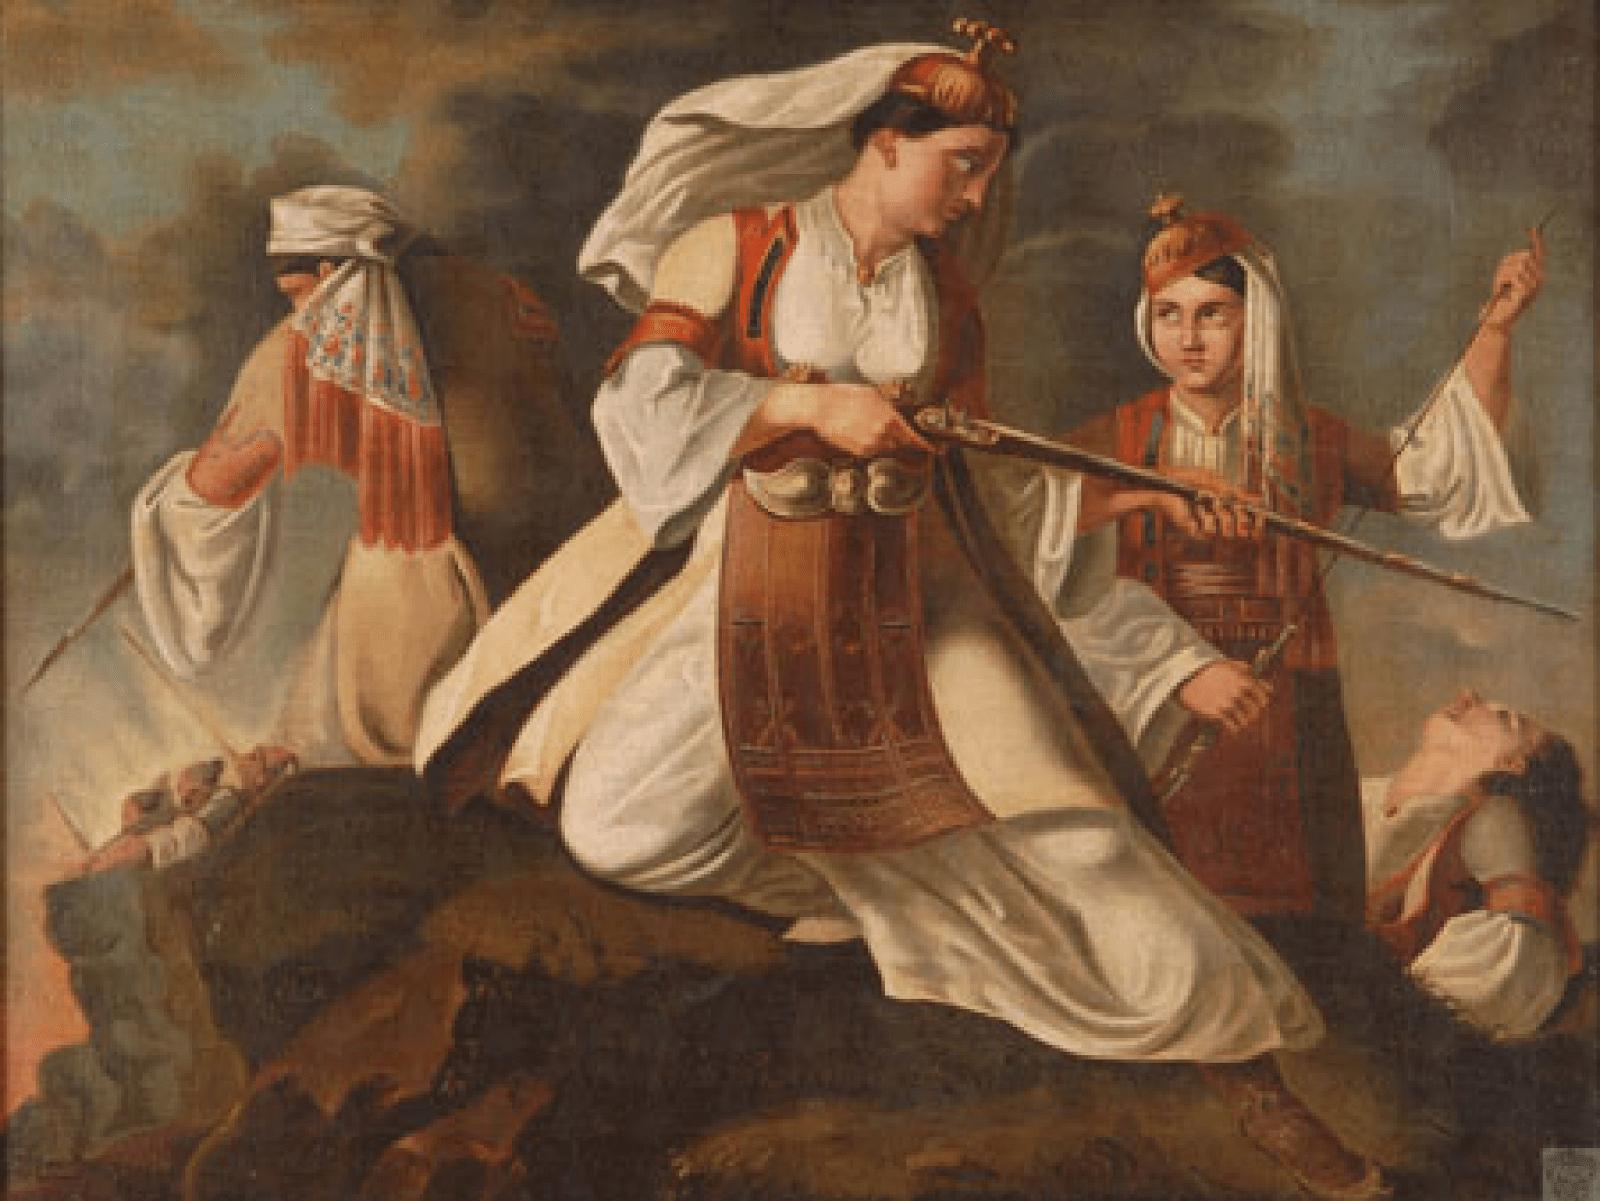 Η συμβολή των γυναικών στην επανάσταση του 1821.  Παράδειγμα 200 χρόνια μετά